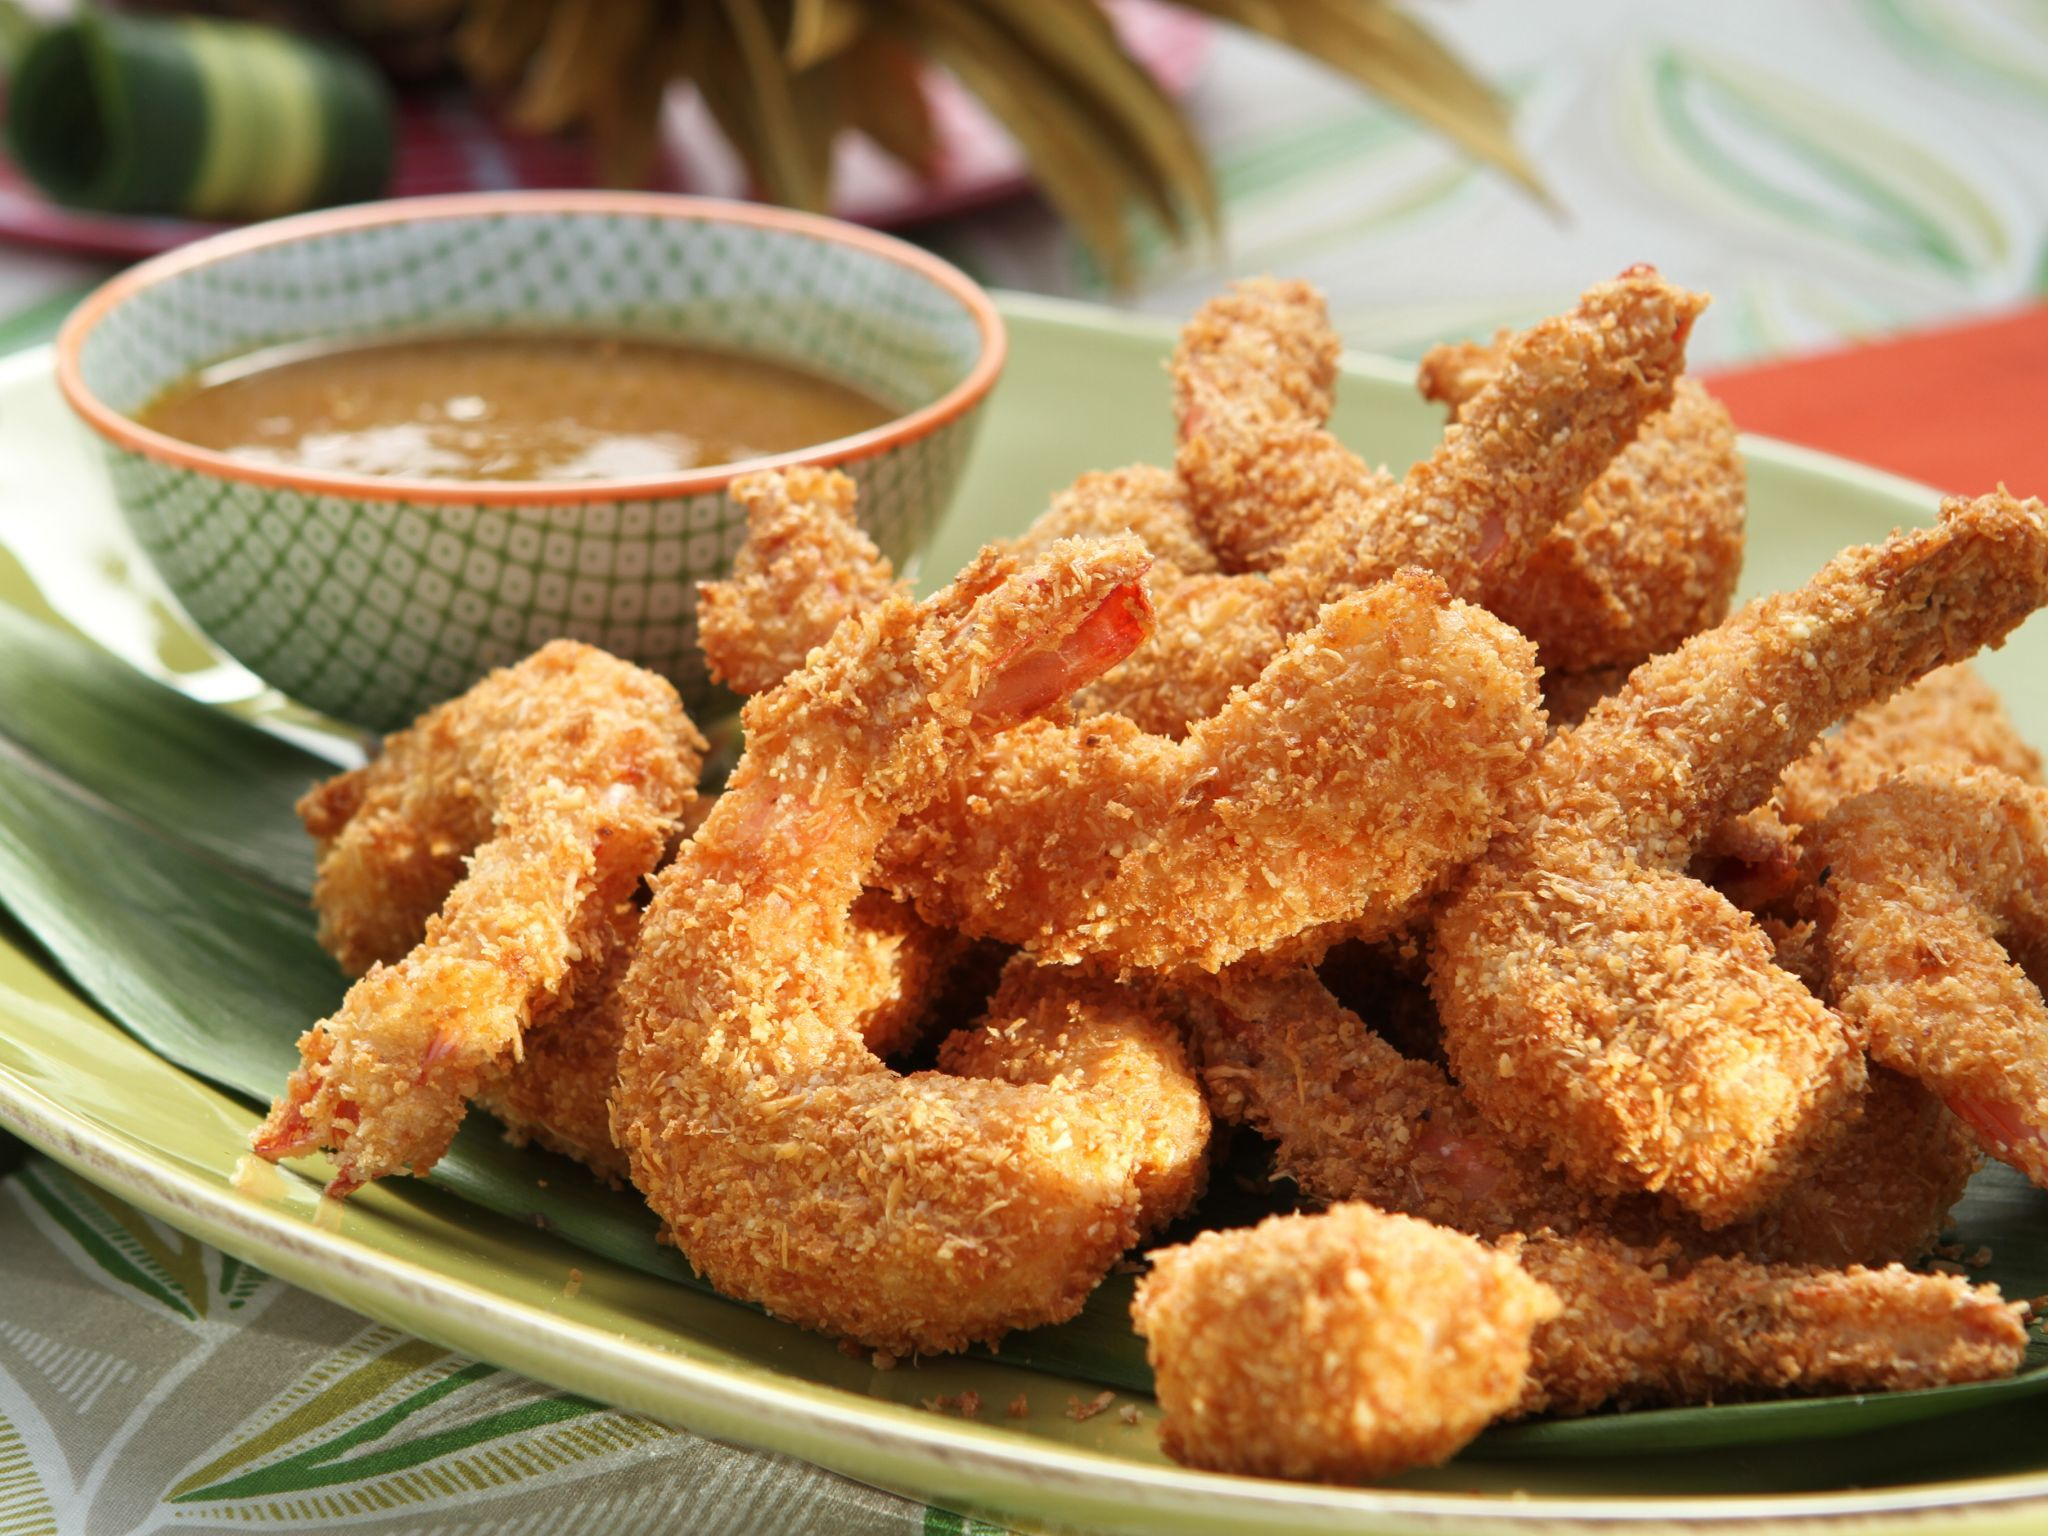 Macadamia coconut shrimp recipe coconut shrimp recipes patricia get this all star easy to follow macadamia coconut shrimp recipe from forumfinder Gallery